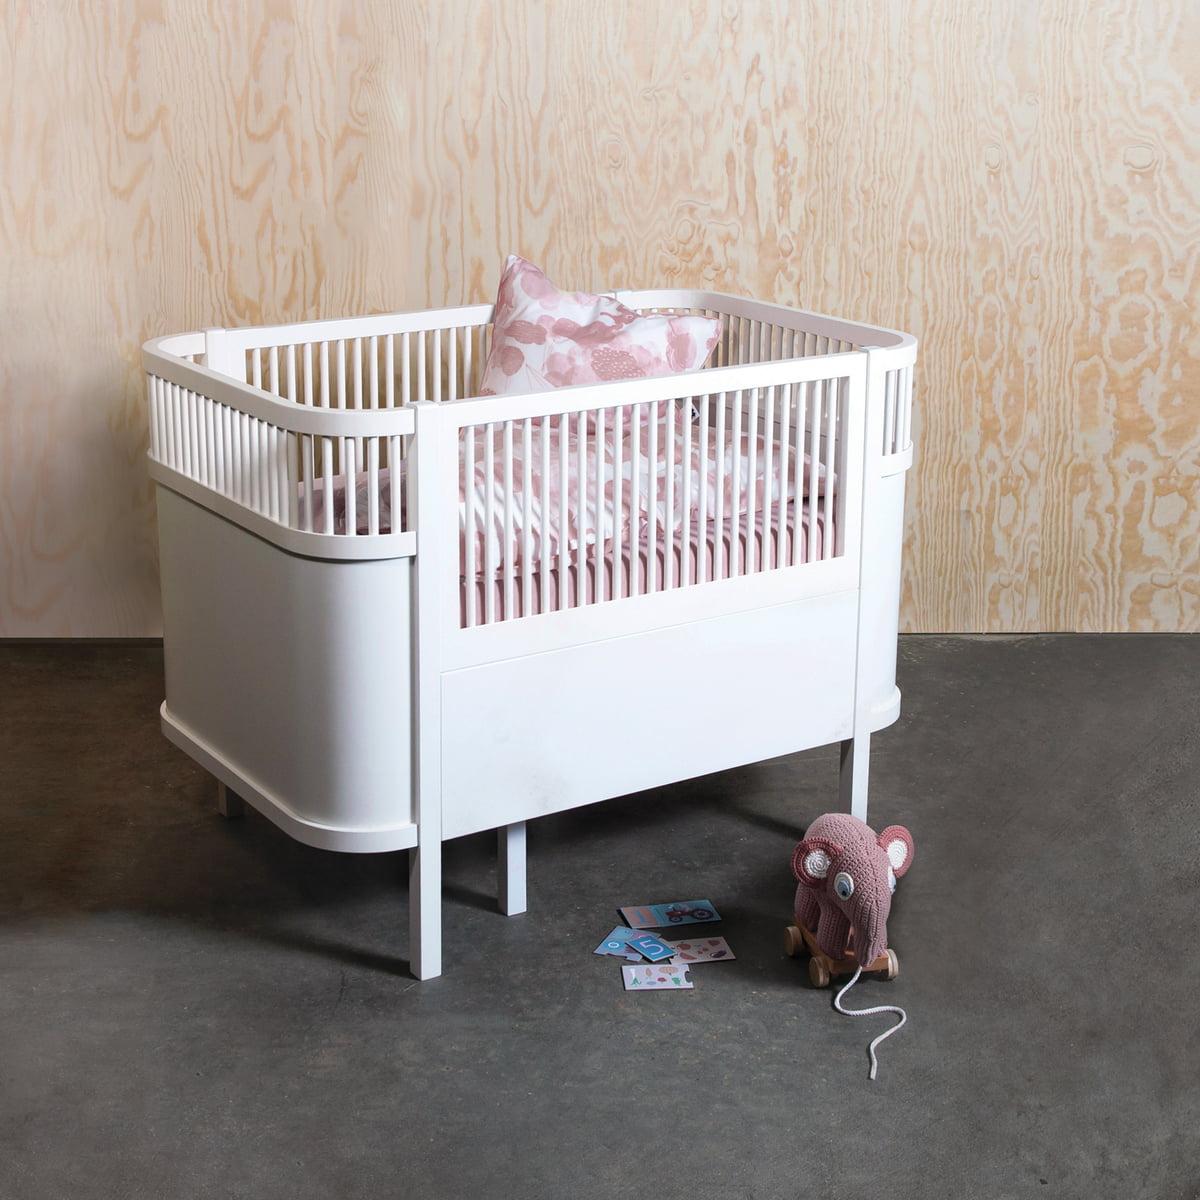 Lit b b junior sebra connox - Comment orienter le lit de bebe ...